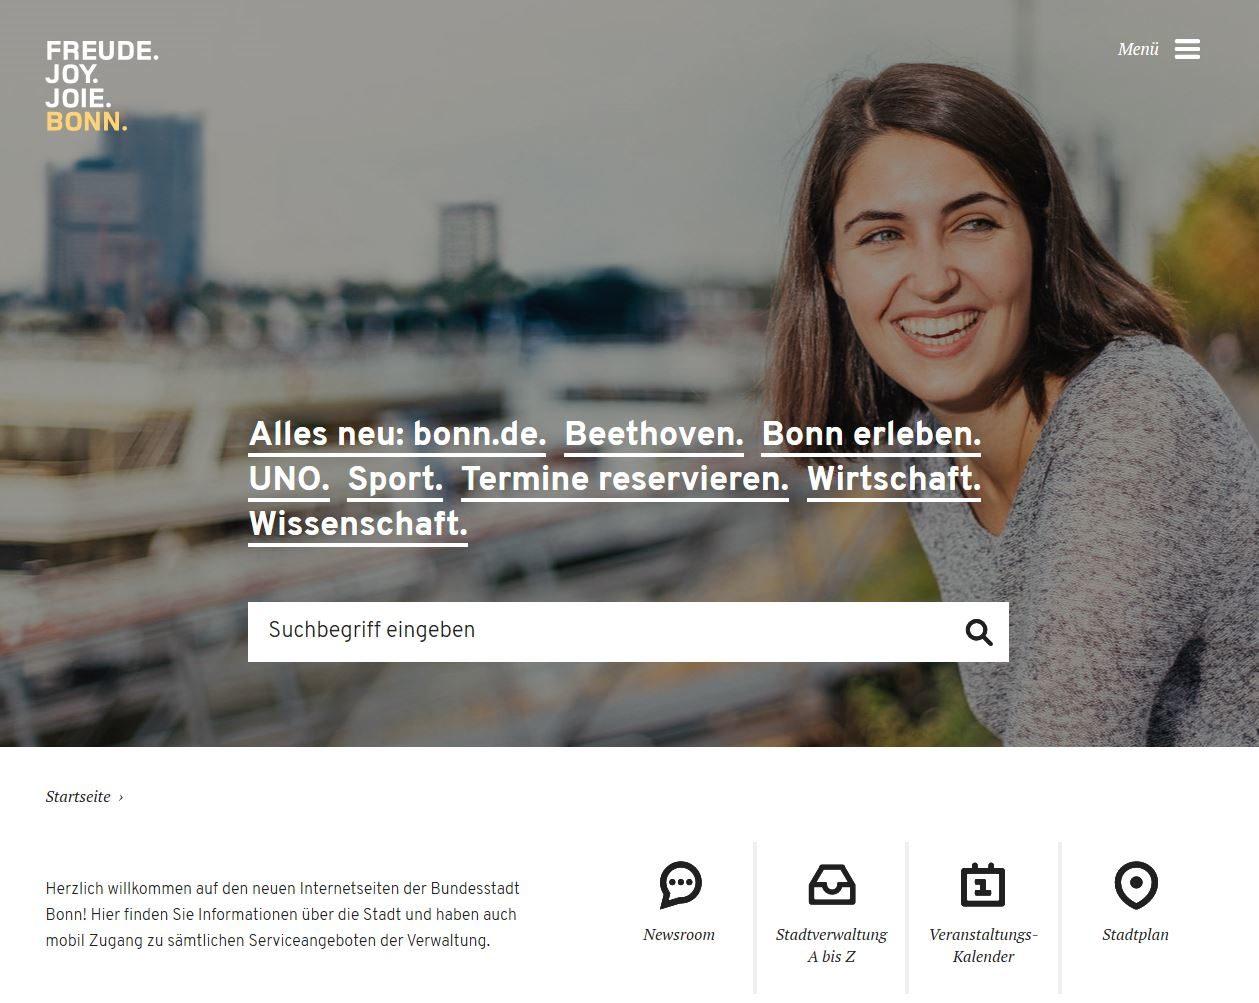 Alles neu: Relaunch bonn.de